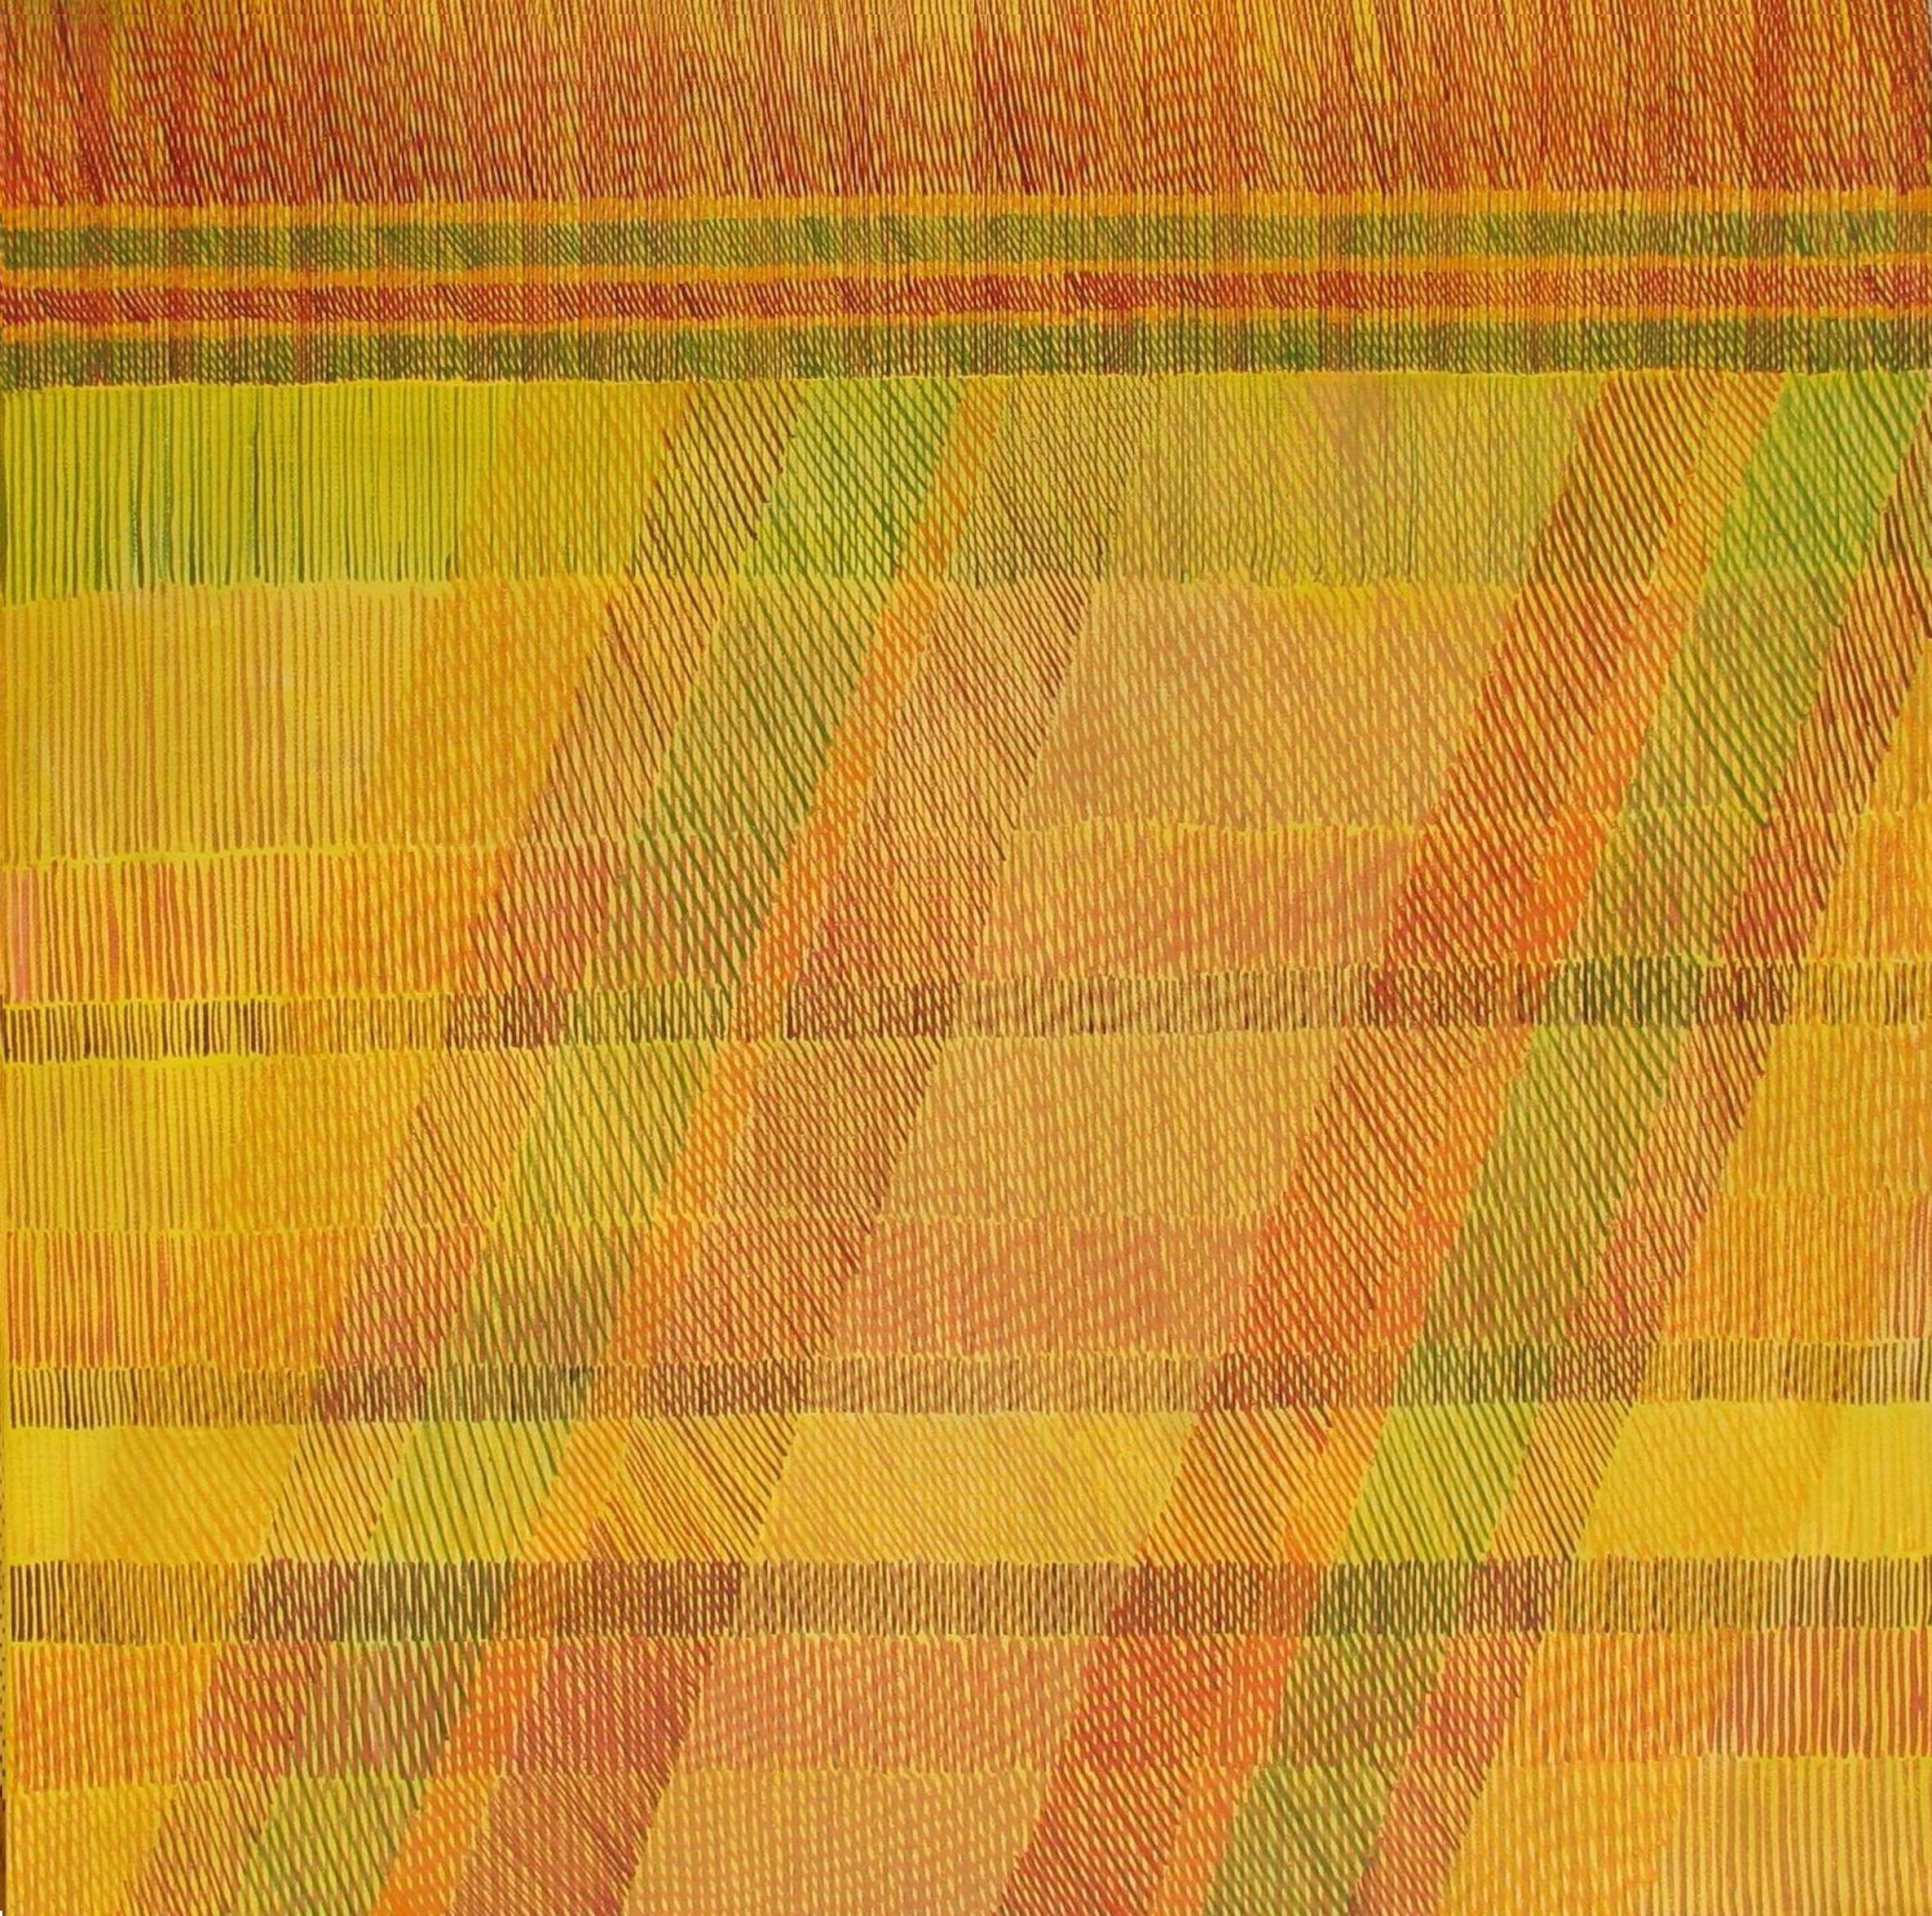 JoyM Painting Zosma